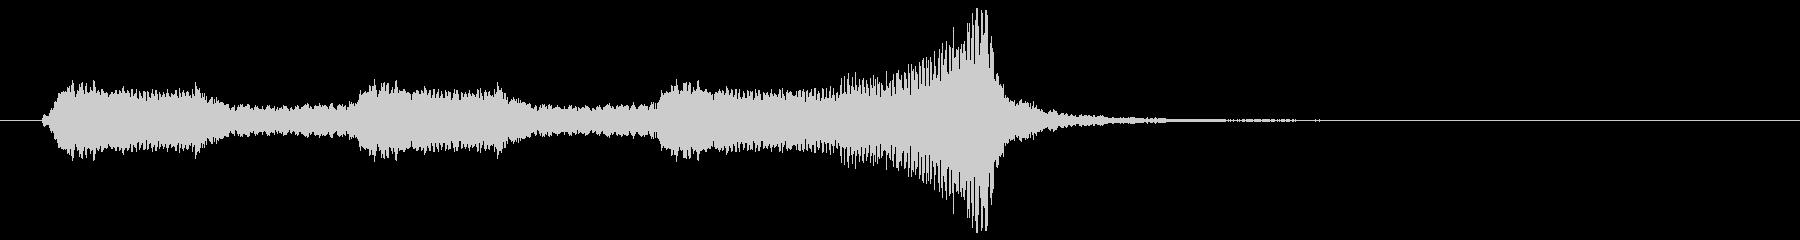 懐かしのアメリカアニメ映画風ジングル2の未再生の波形